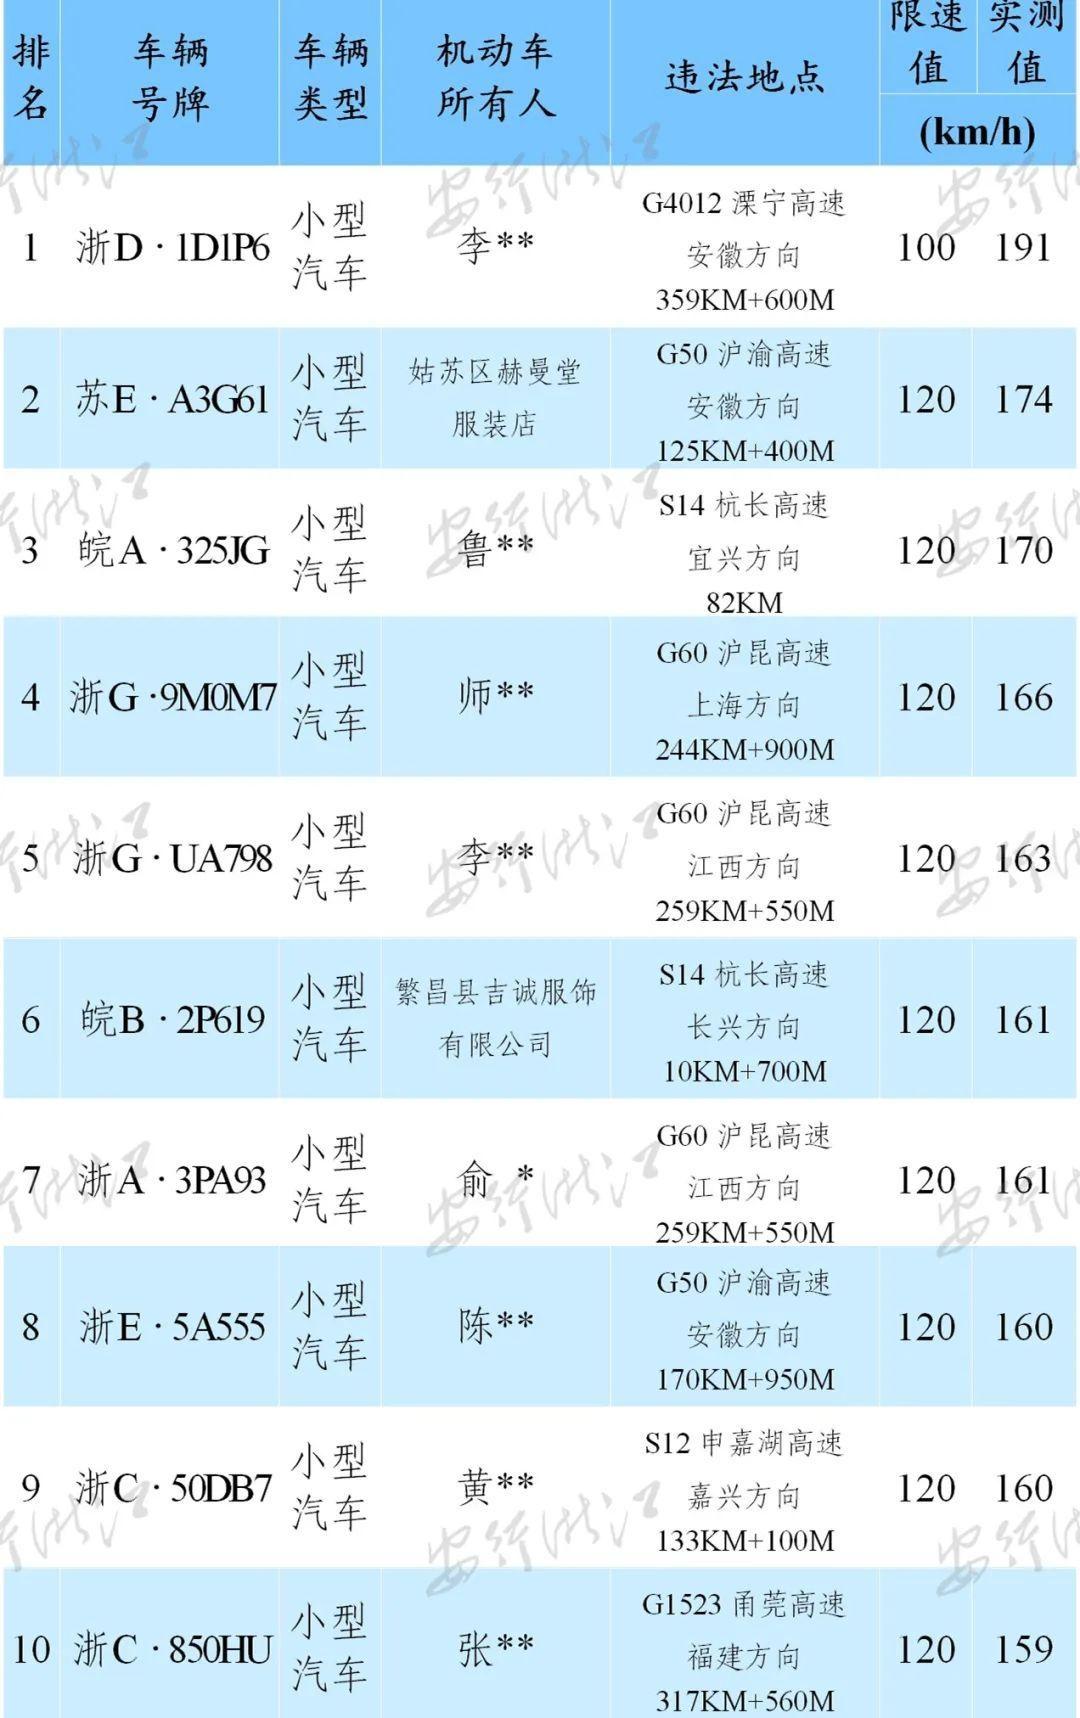 曝光 | 交通违法行为名单公布(10月12日—10月18日)